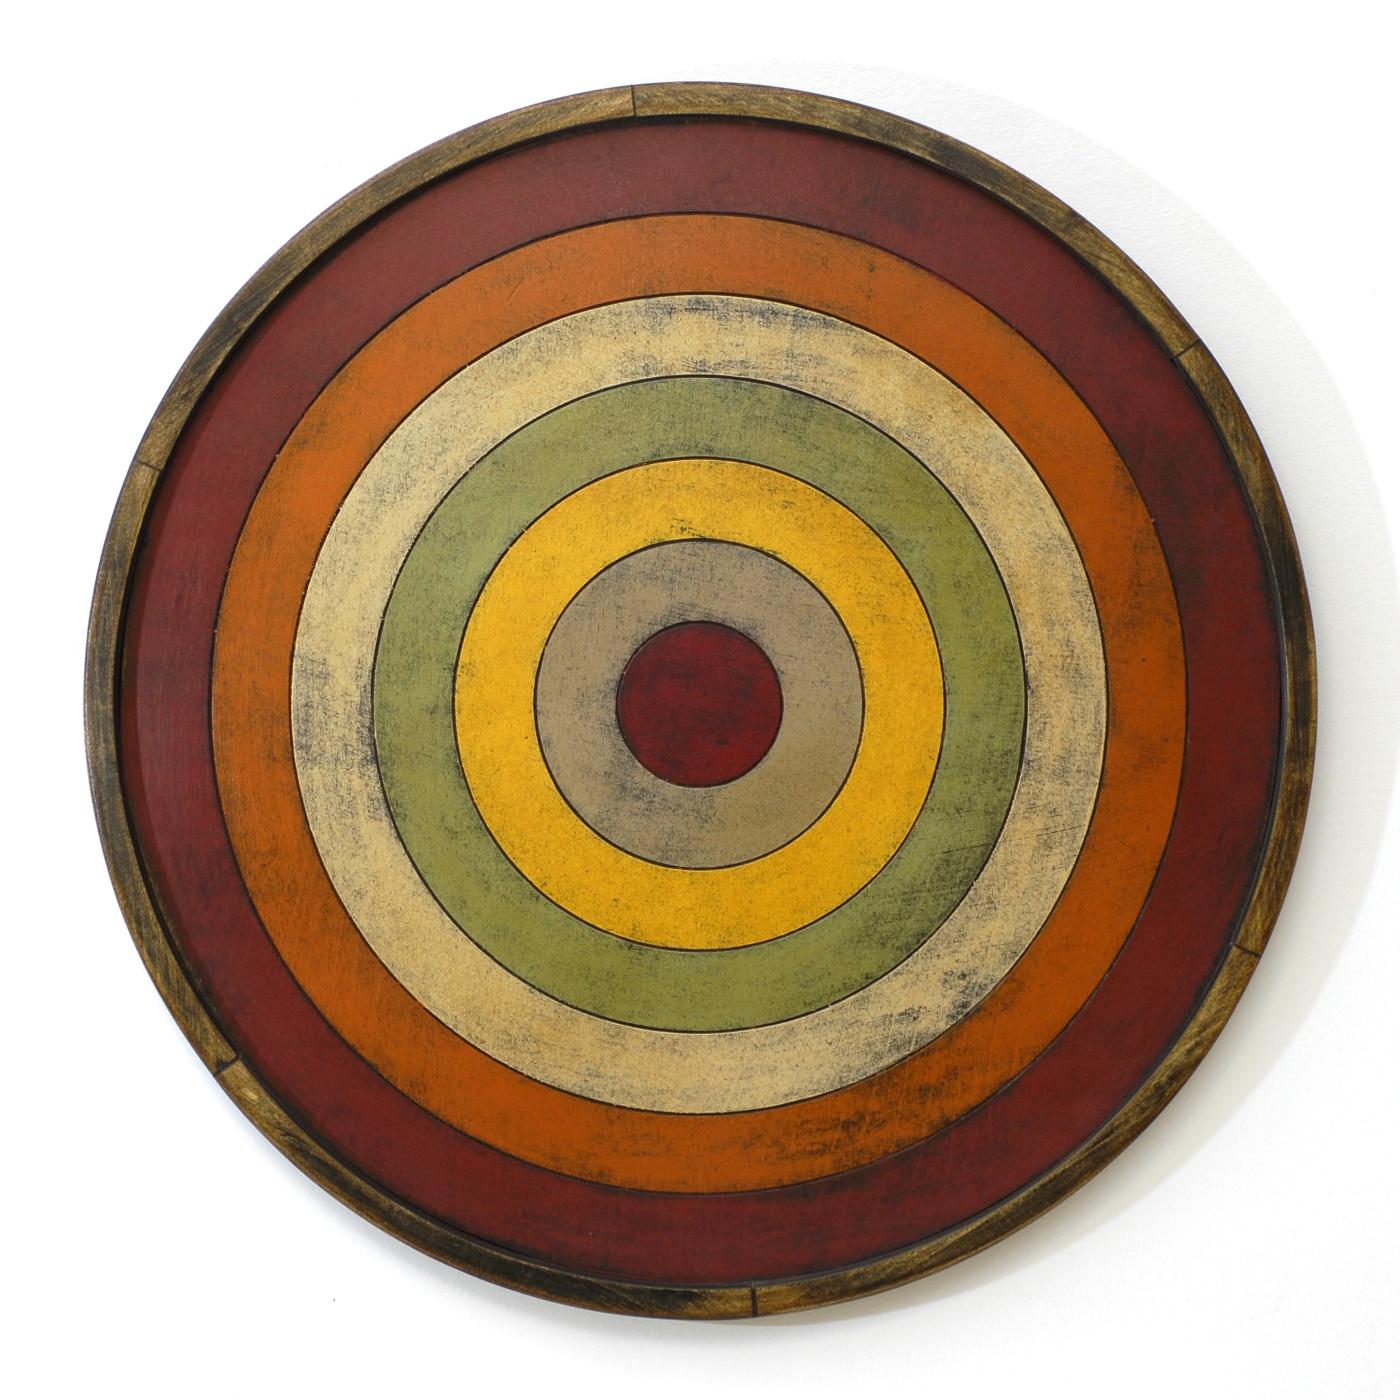 Bulls Eye Dart Board